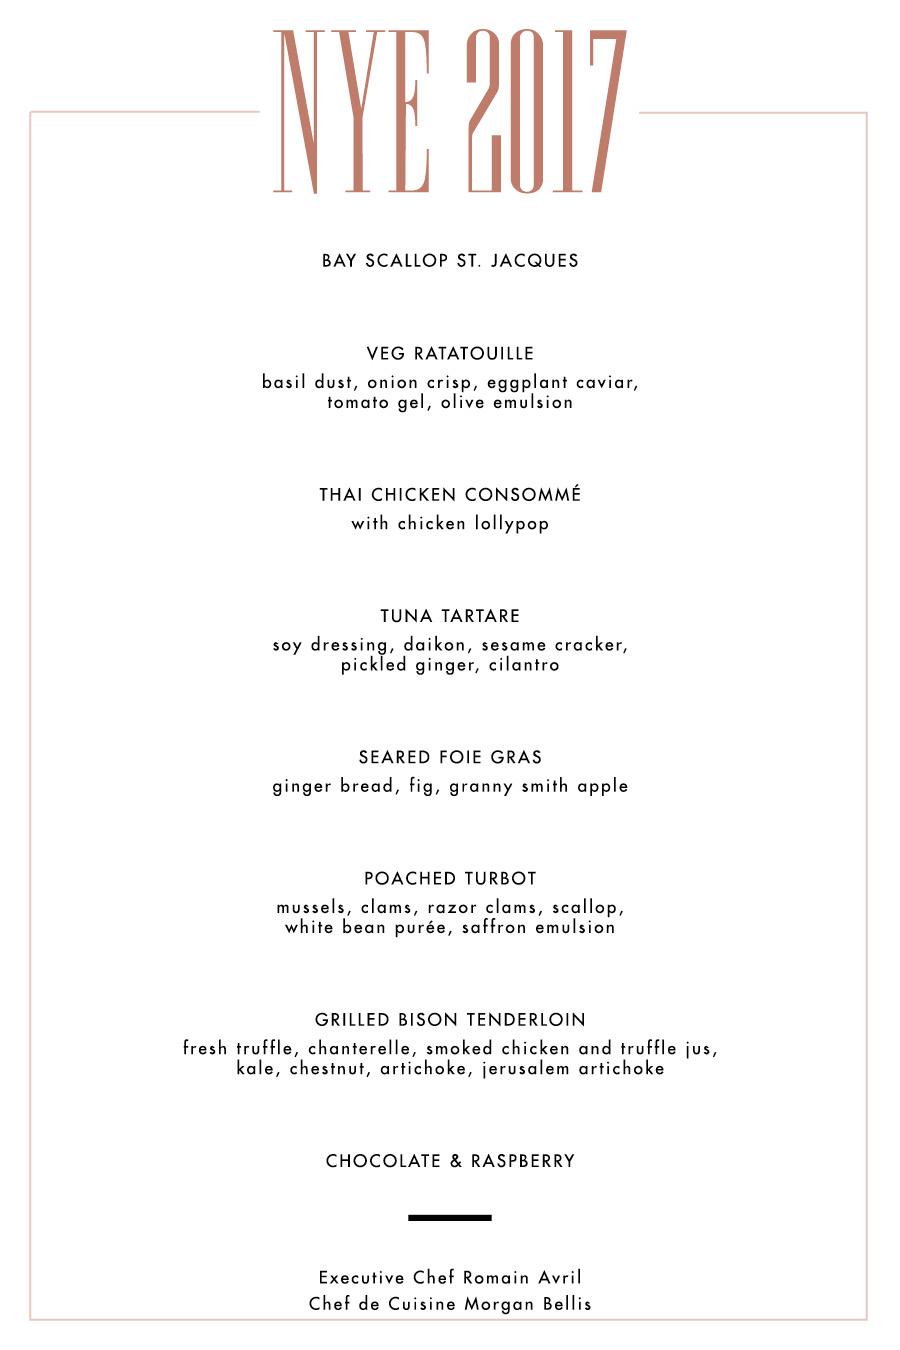 10 course Dinner Menu